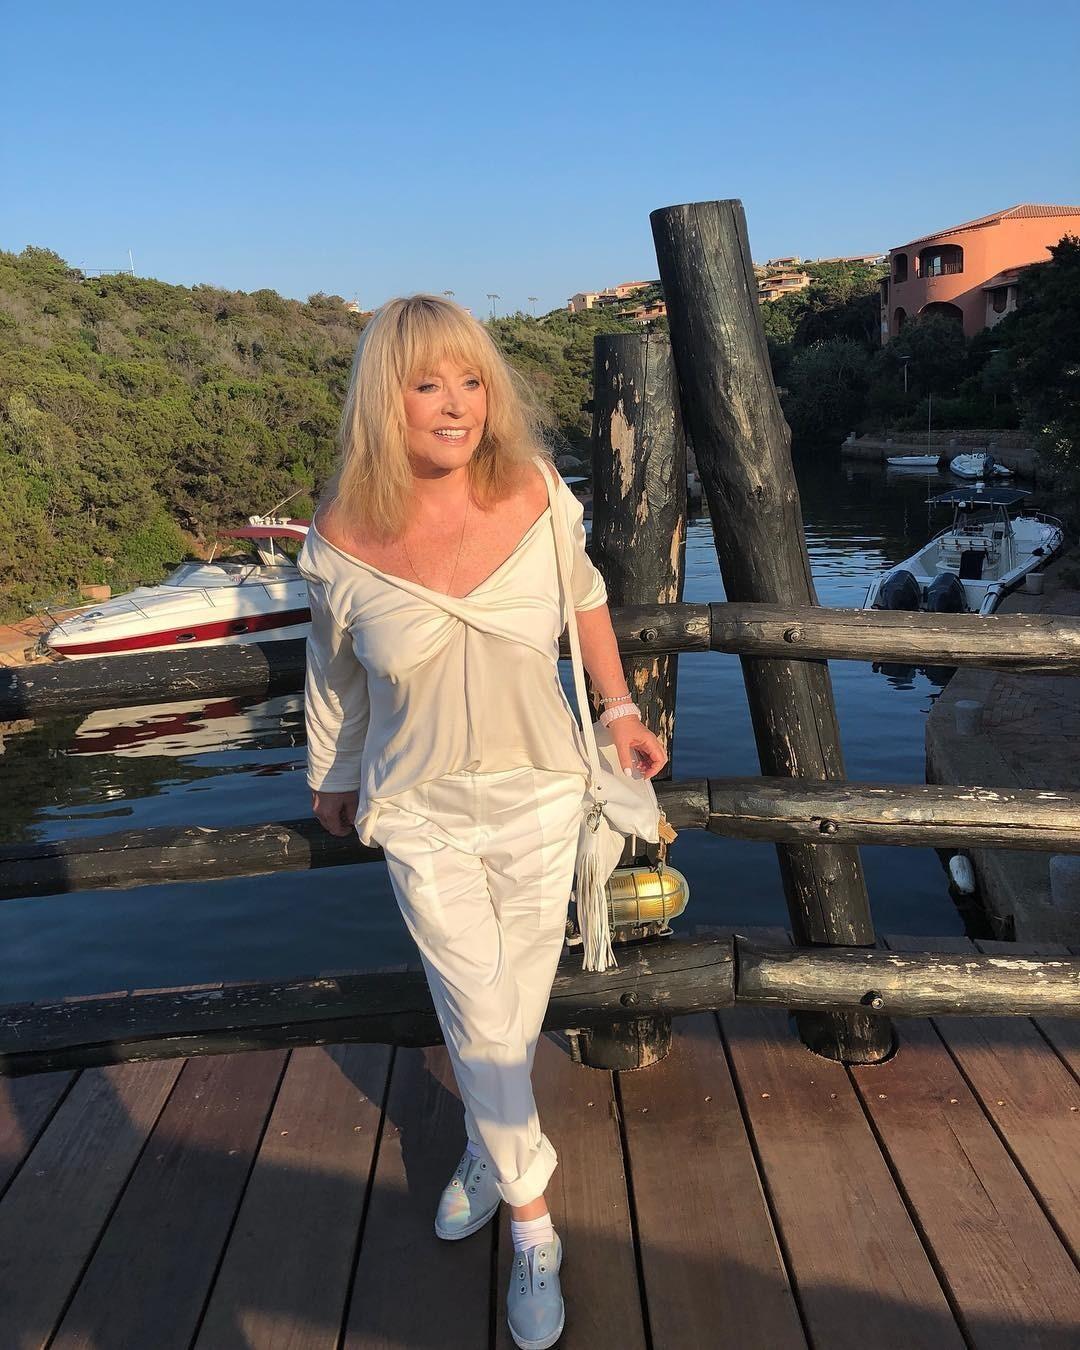 Моложе Лободы: Алла Пугачева в коротких кожаных шортах собрала комплименты